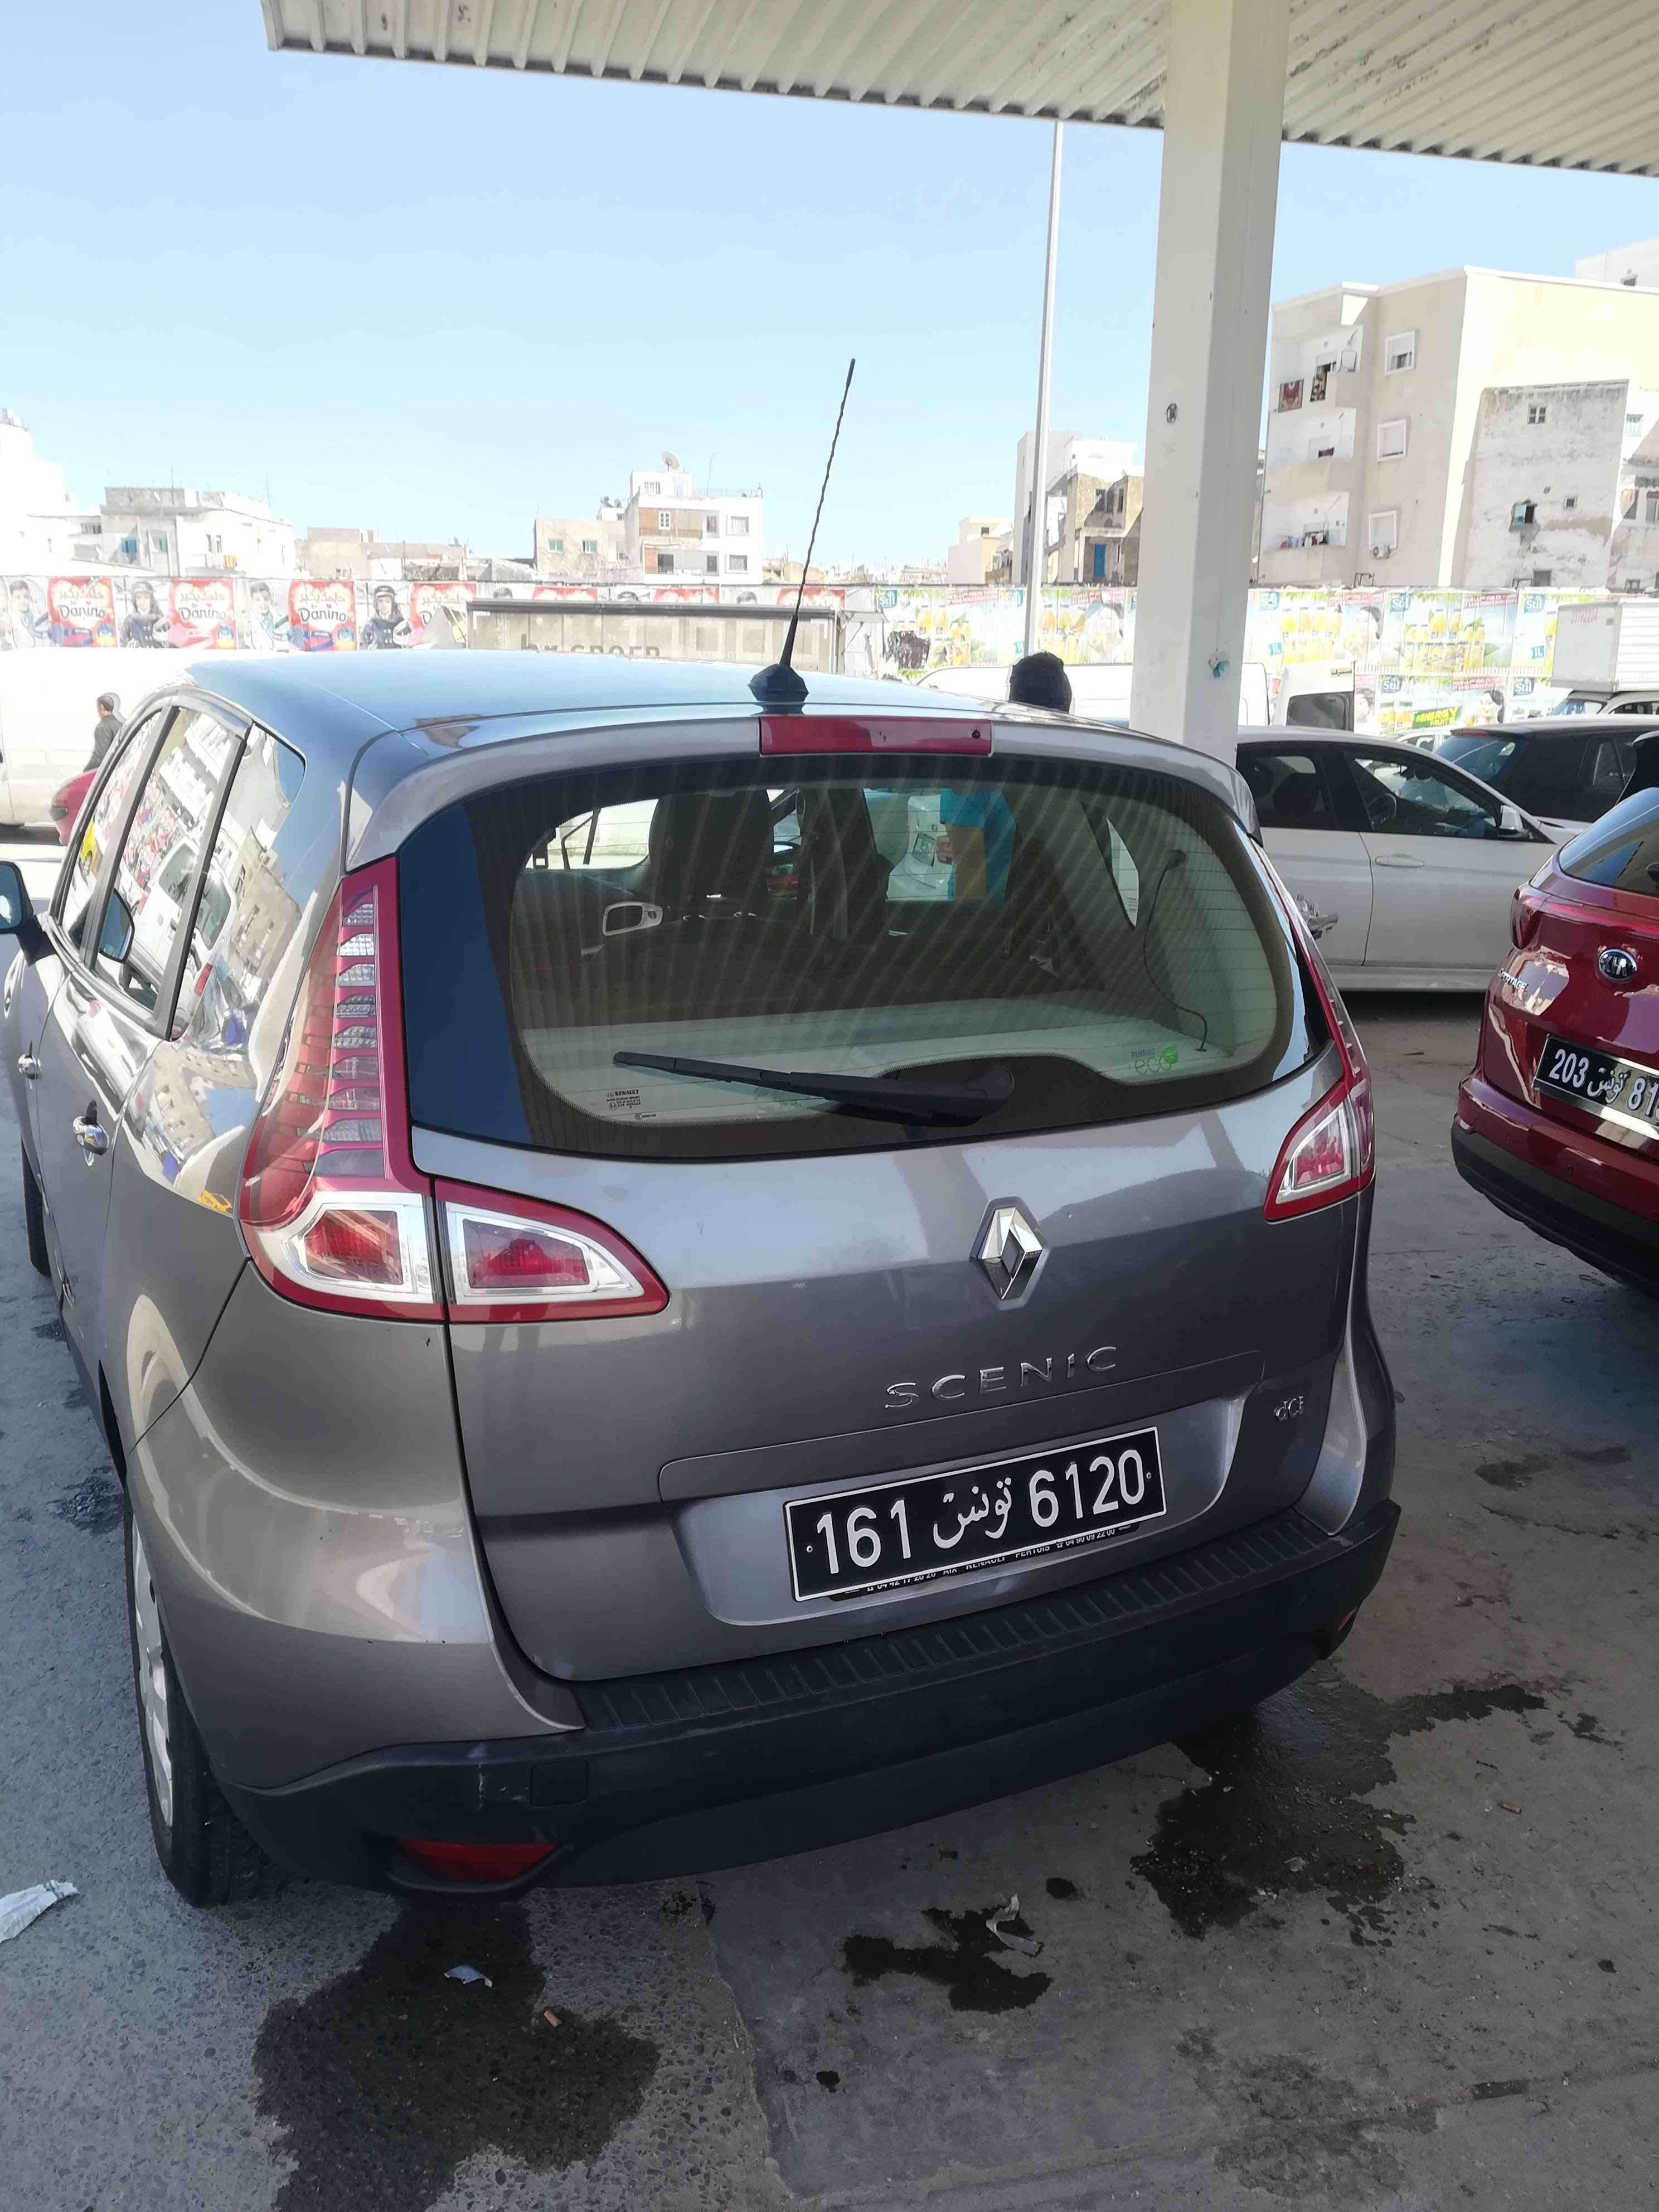 vente voiture occasion tunisie renault scenic